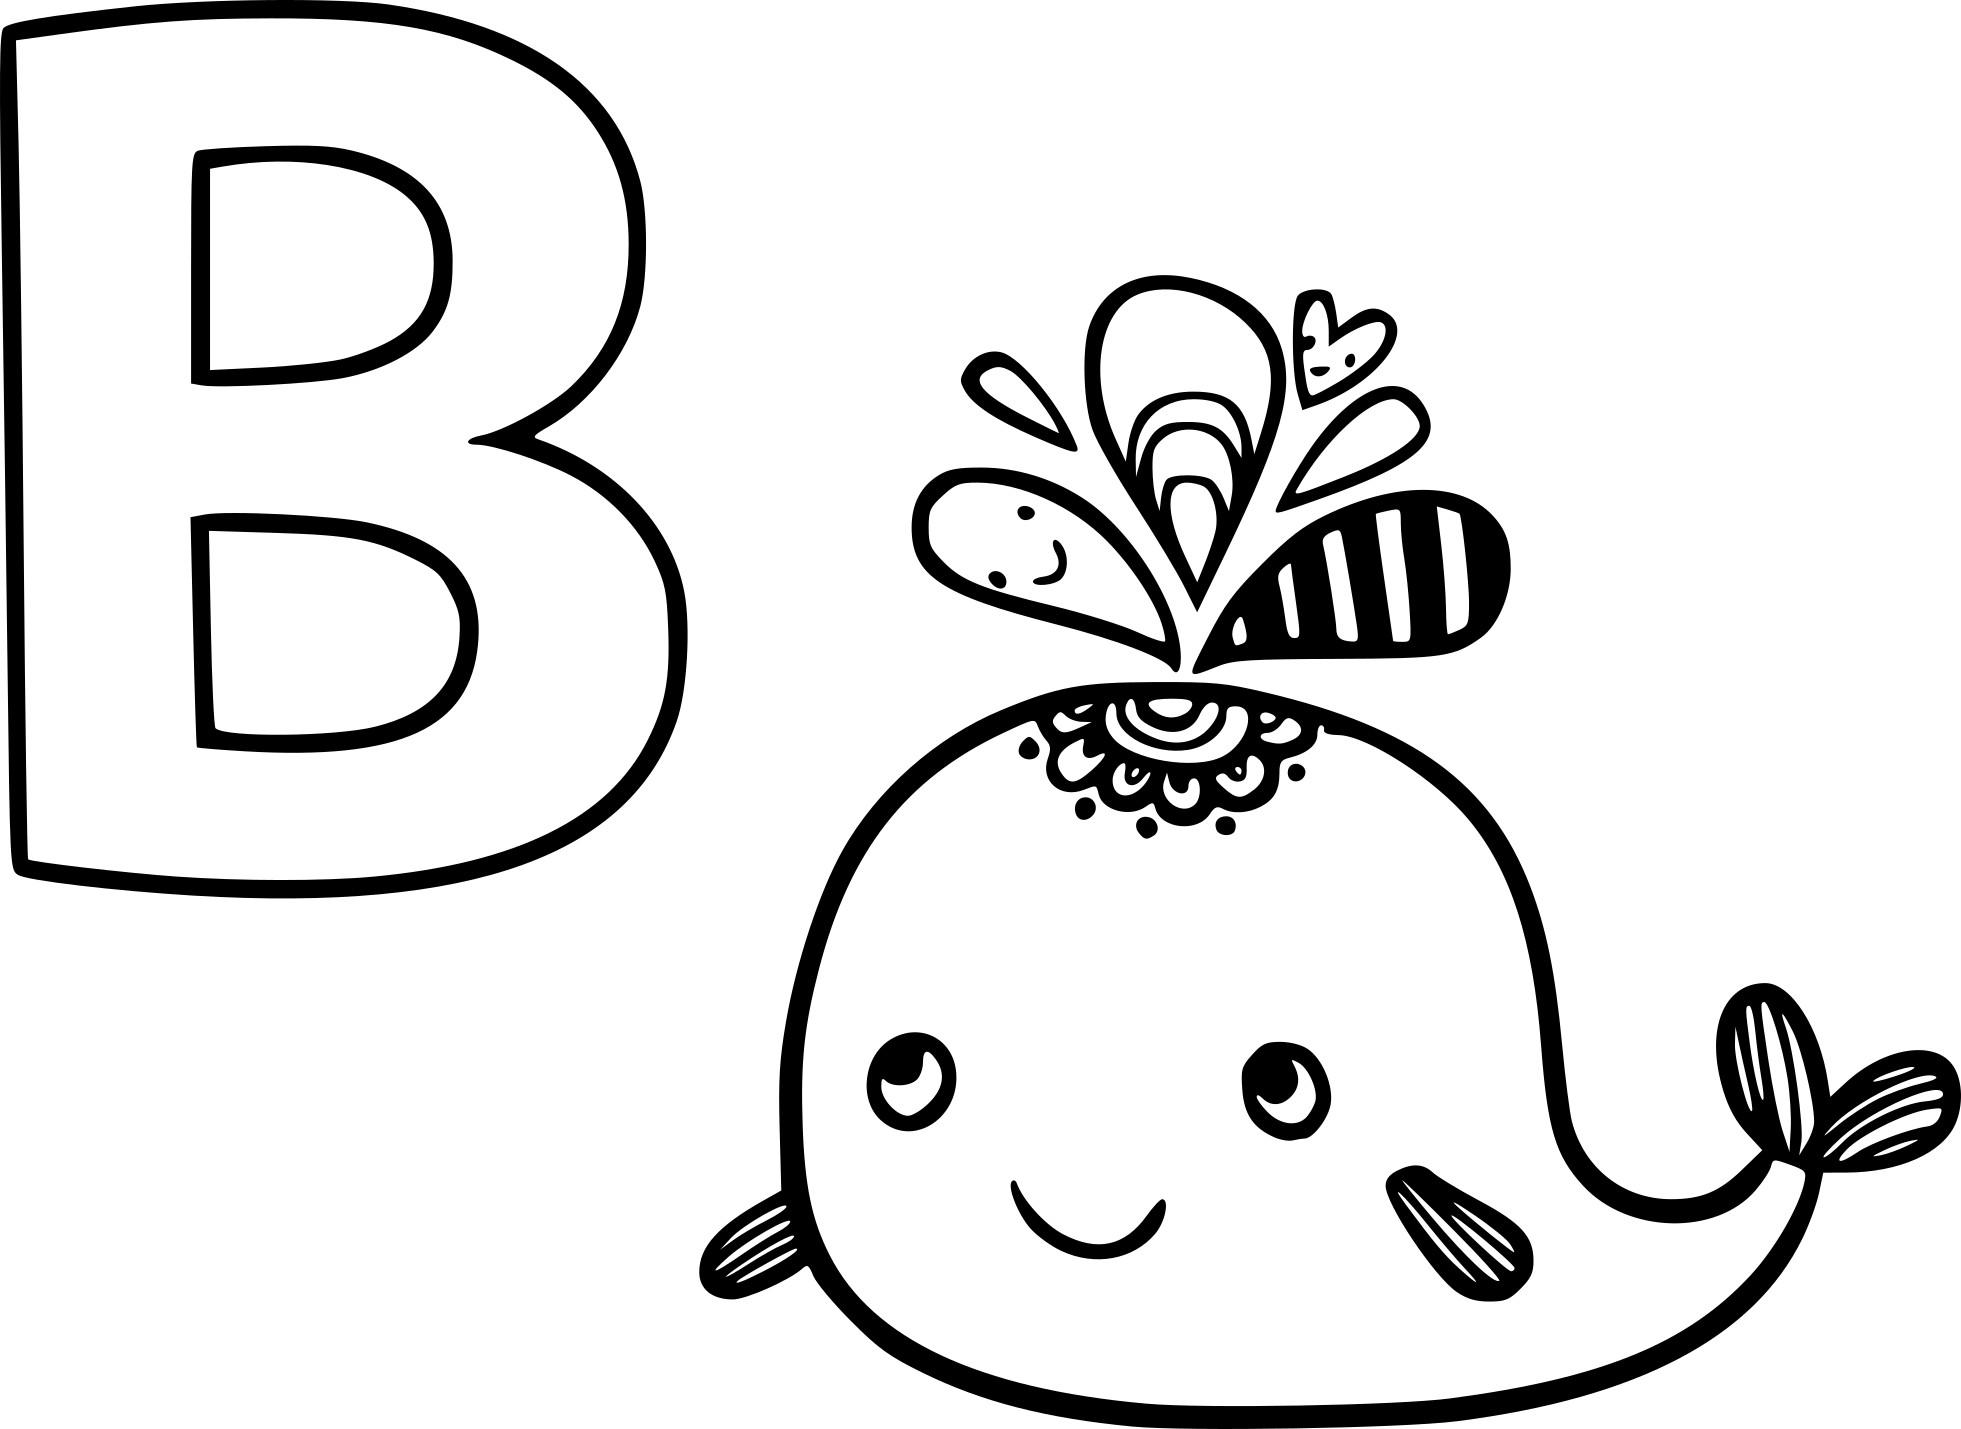 Coloriage B comme baleine à imprimer